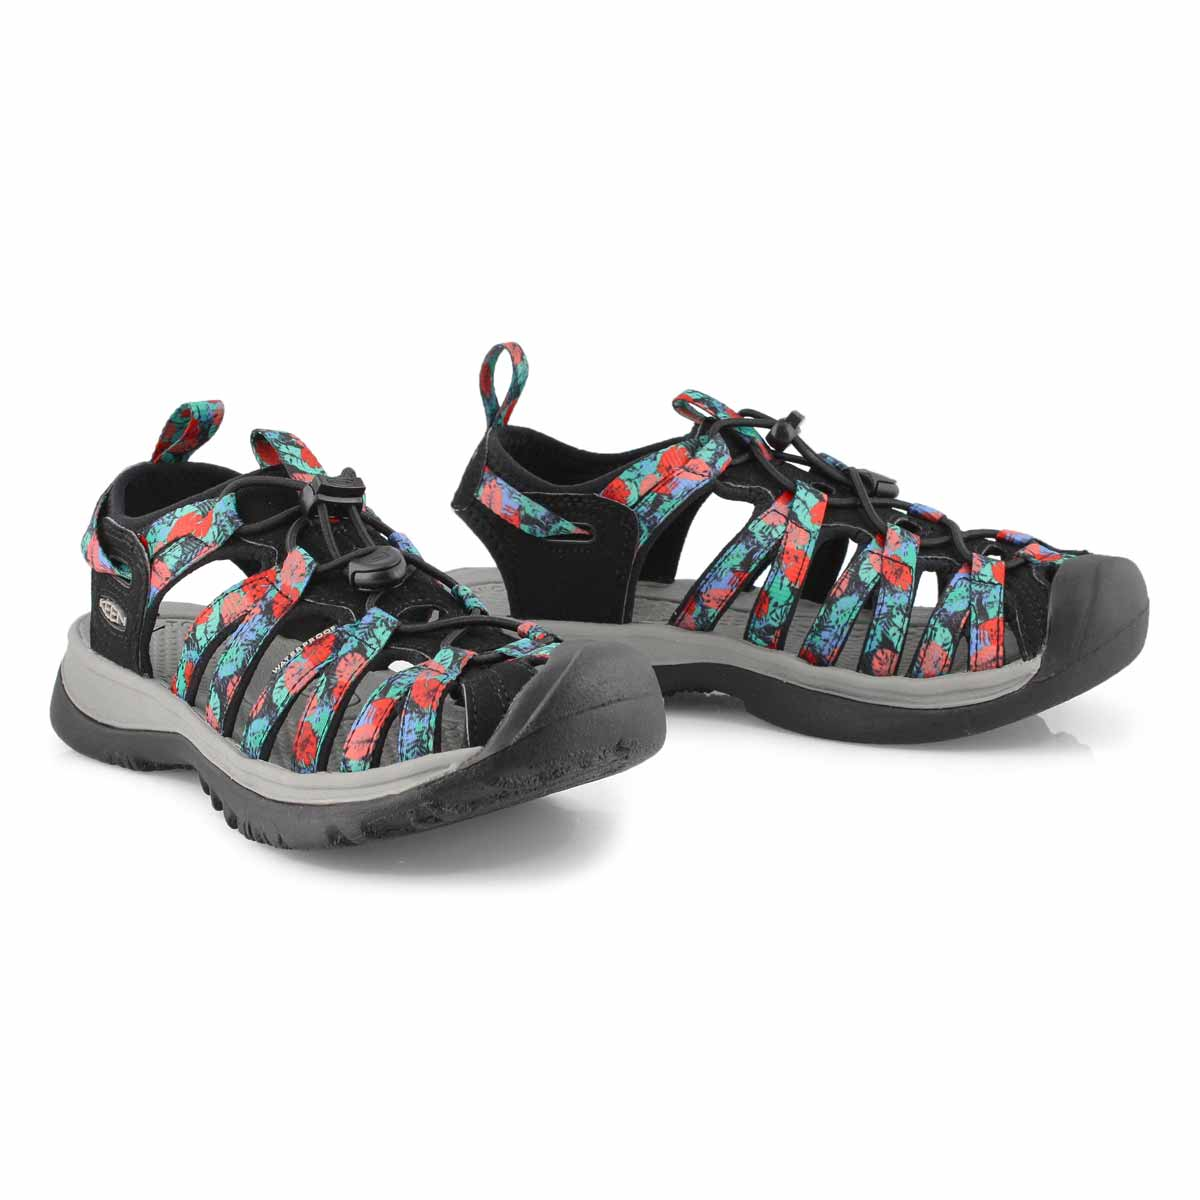 Sandales sport WHISPER, noir/multi, femmes